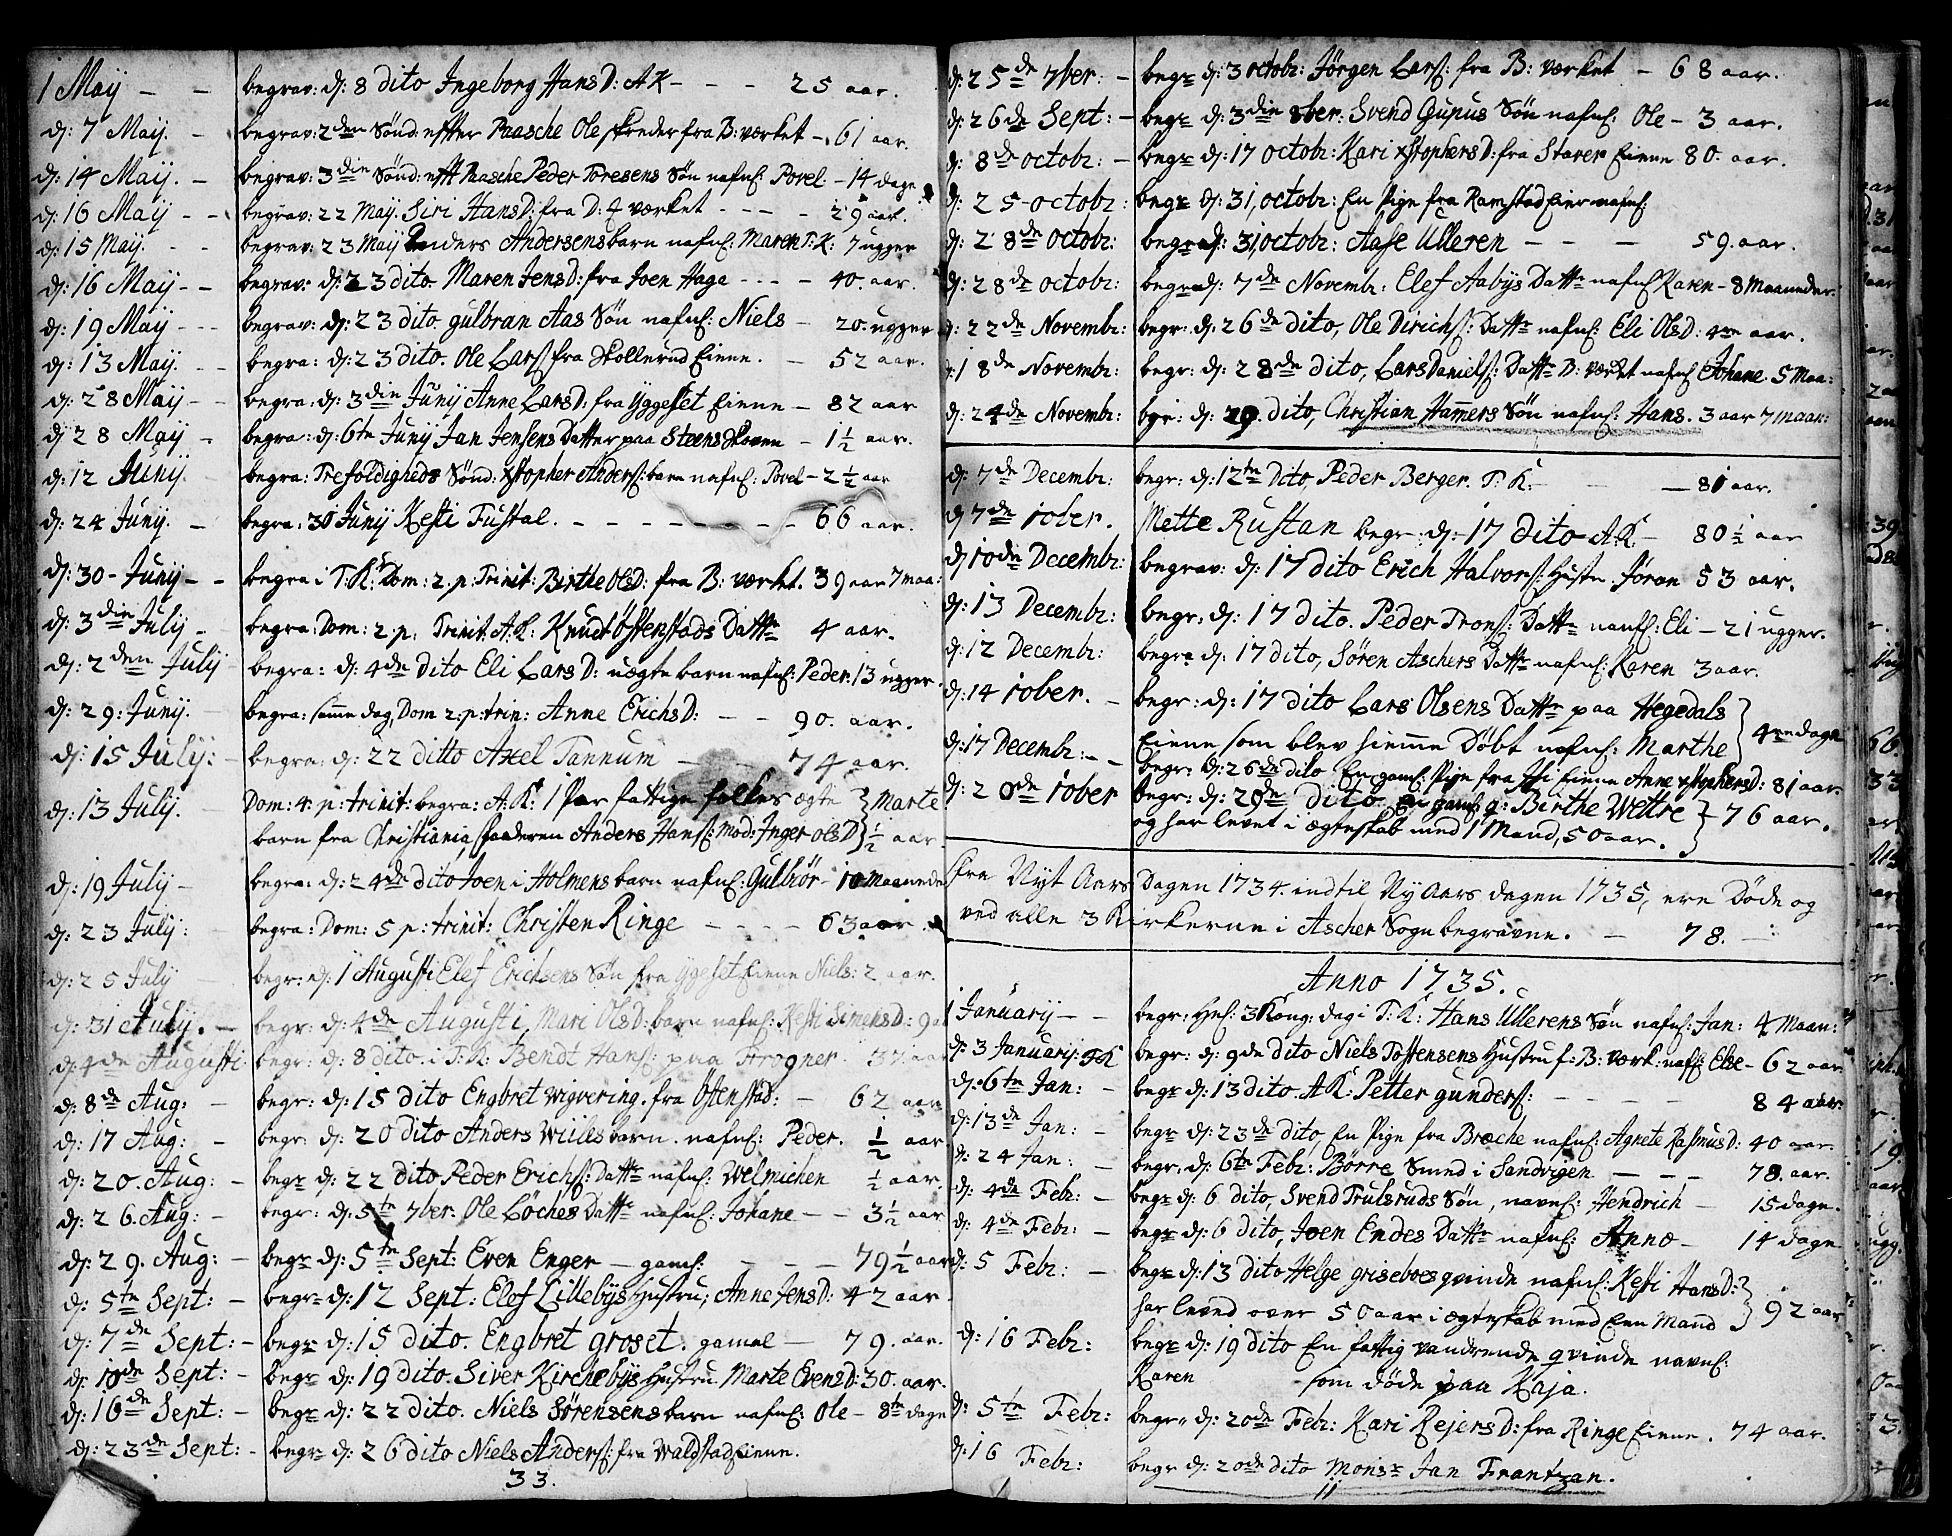 SAO, Asker prestekontor Kirkebøker, F/Fa/L0001: Ministerialbok nr. I 1, 1726-1744, s. 96